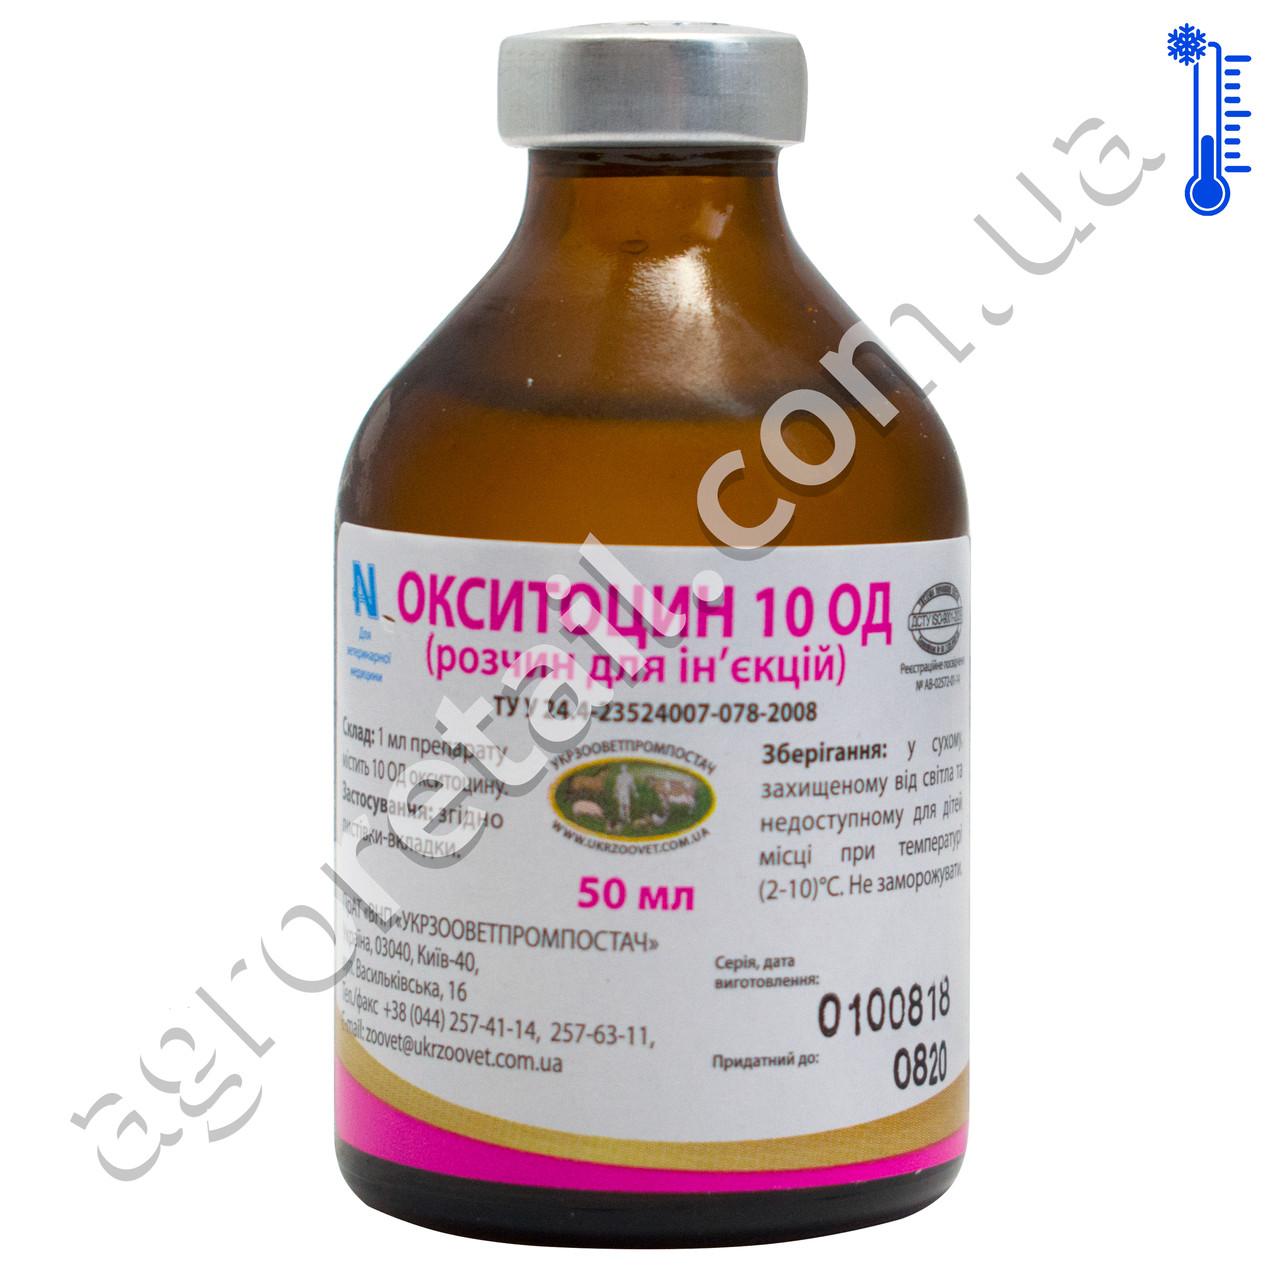 Окситоцин 10 ЕД 50 мл УЗВПостач